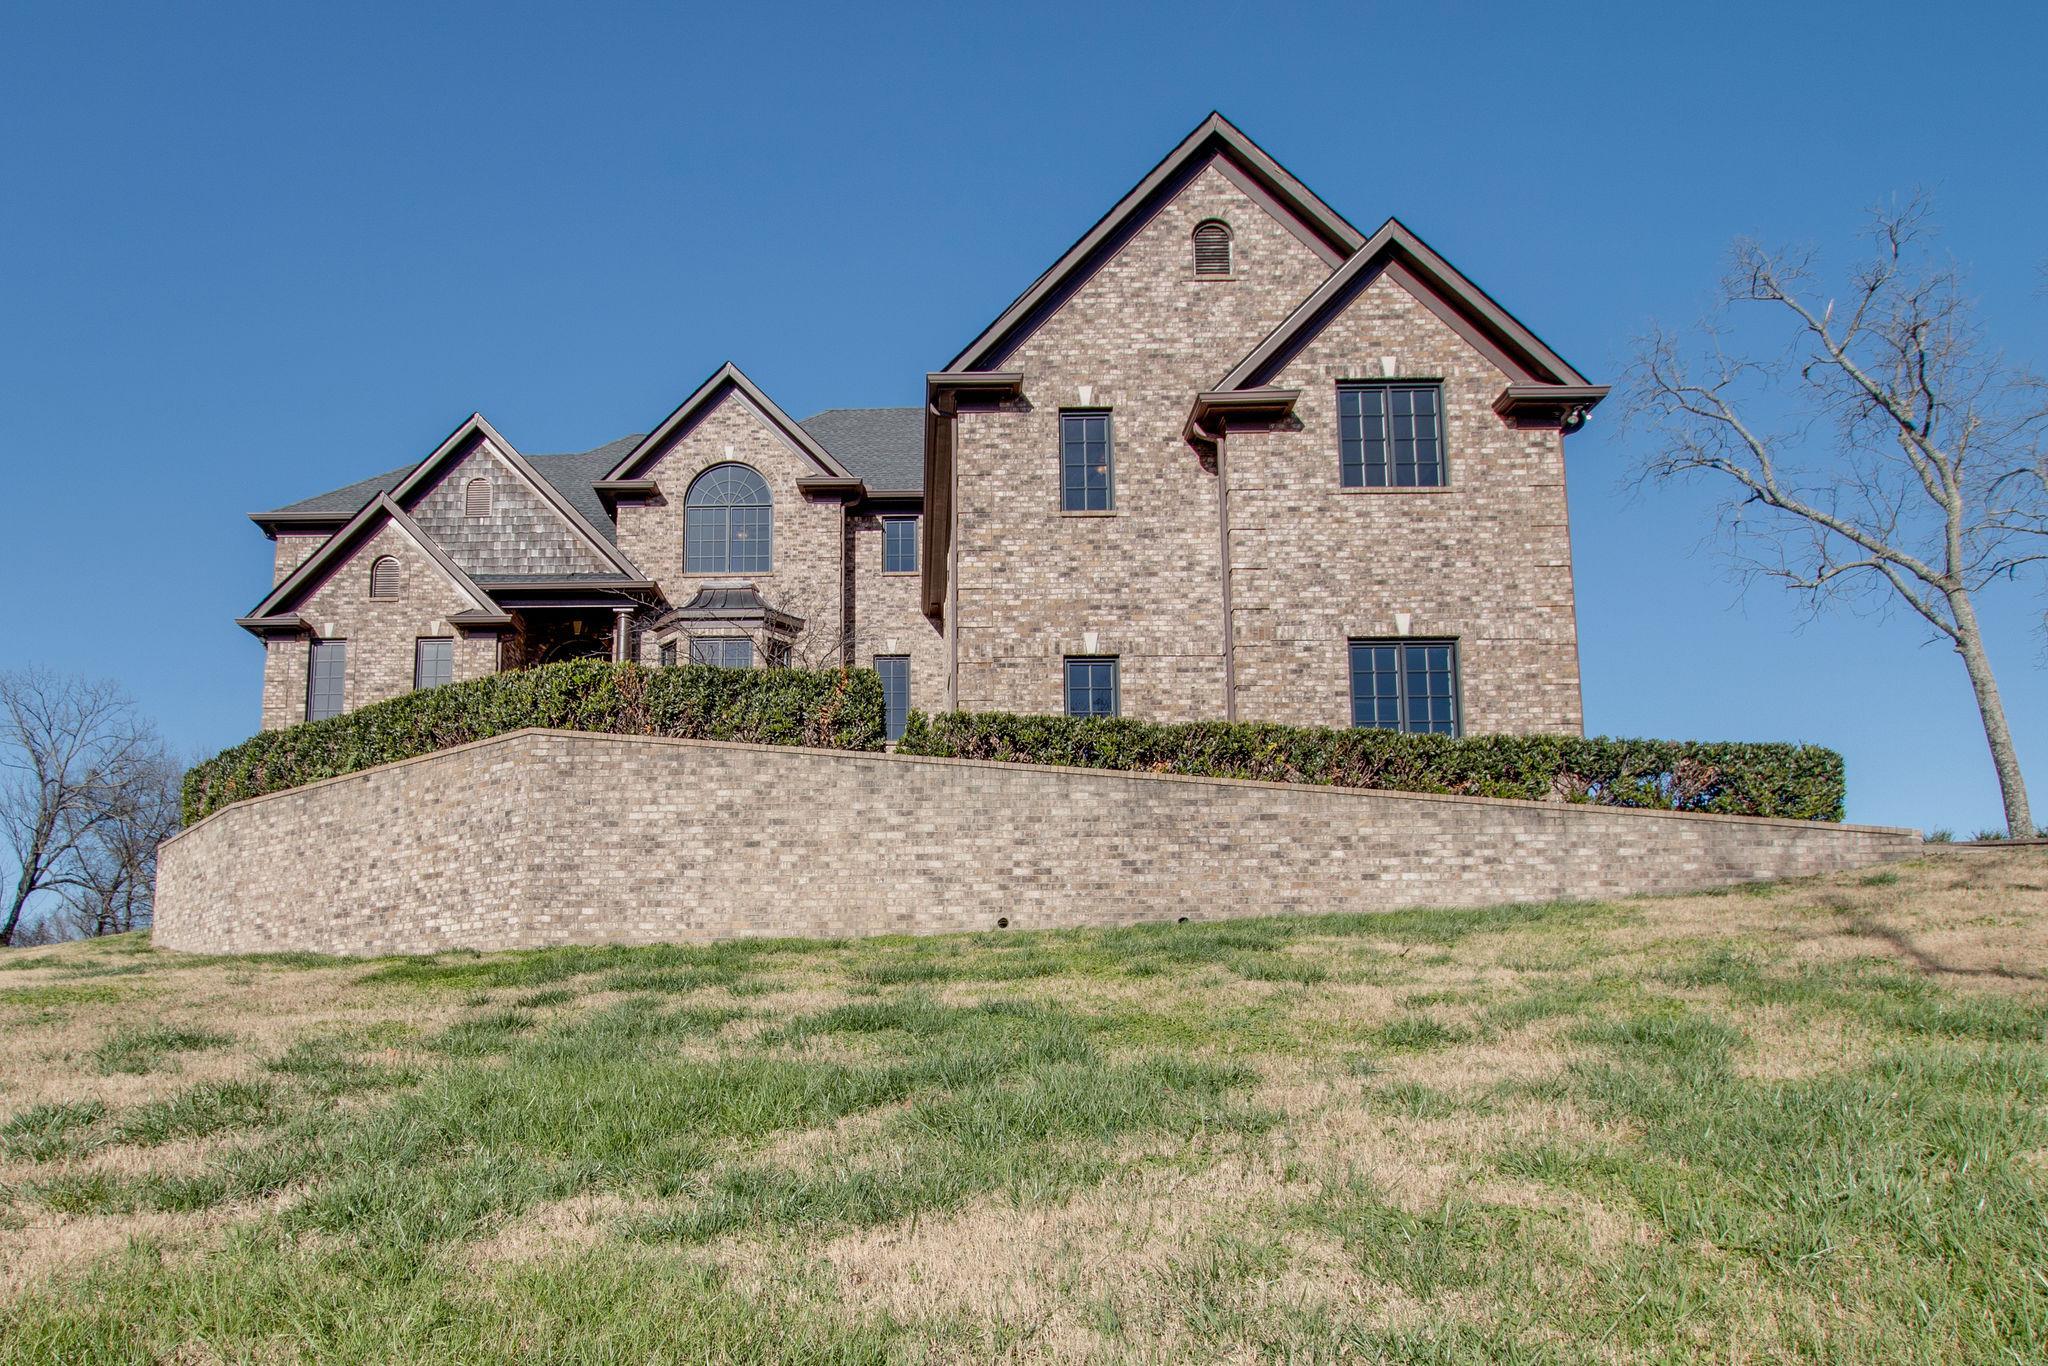 9840 Sam Donald Rd, Nolensville, TN 37135 - Nolensville, TN real estate listing